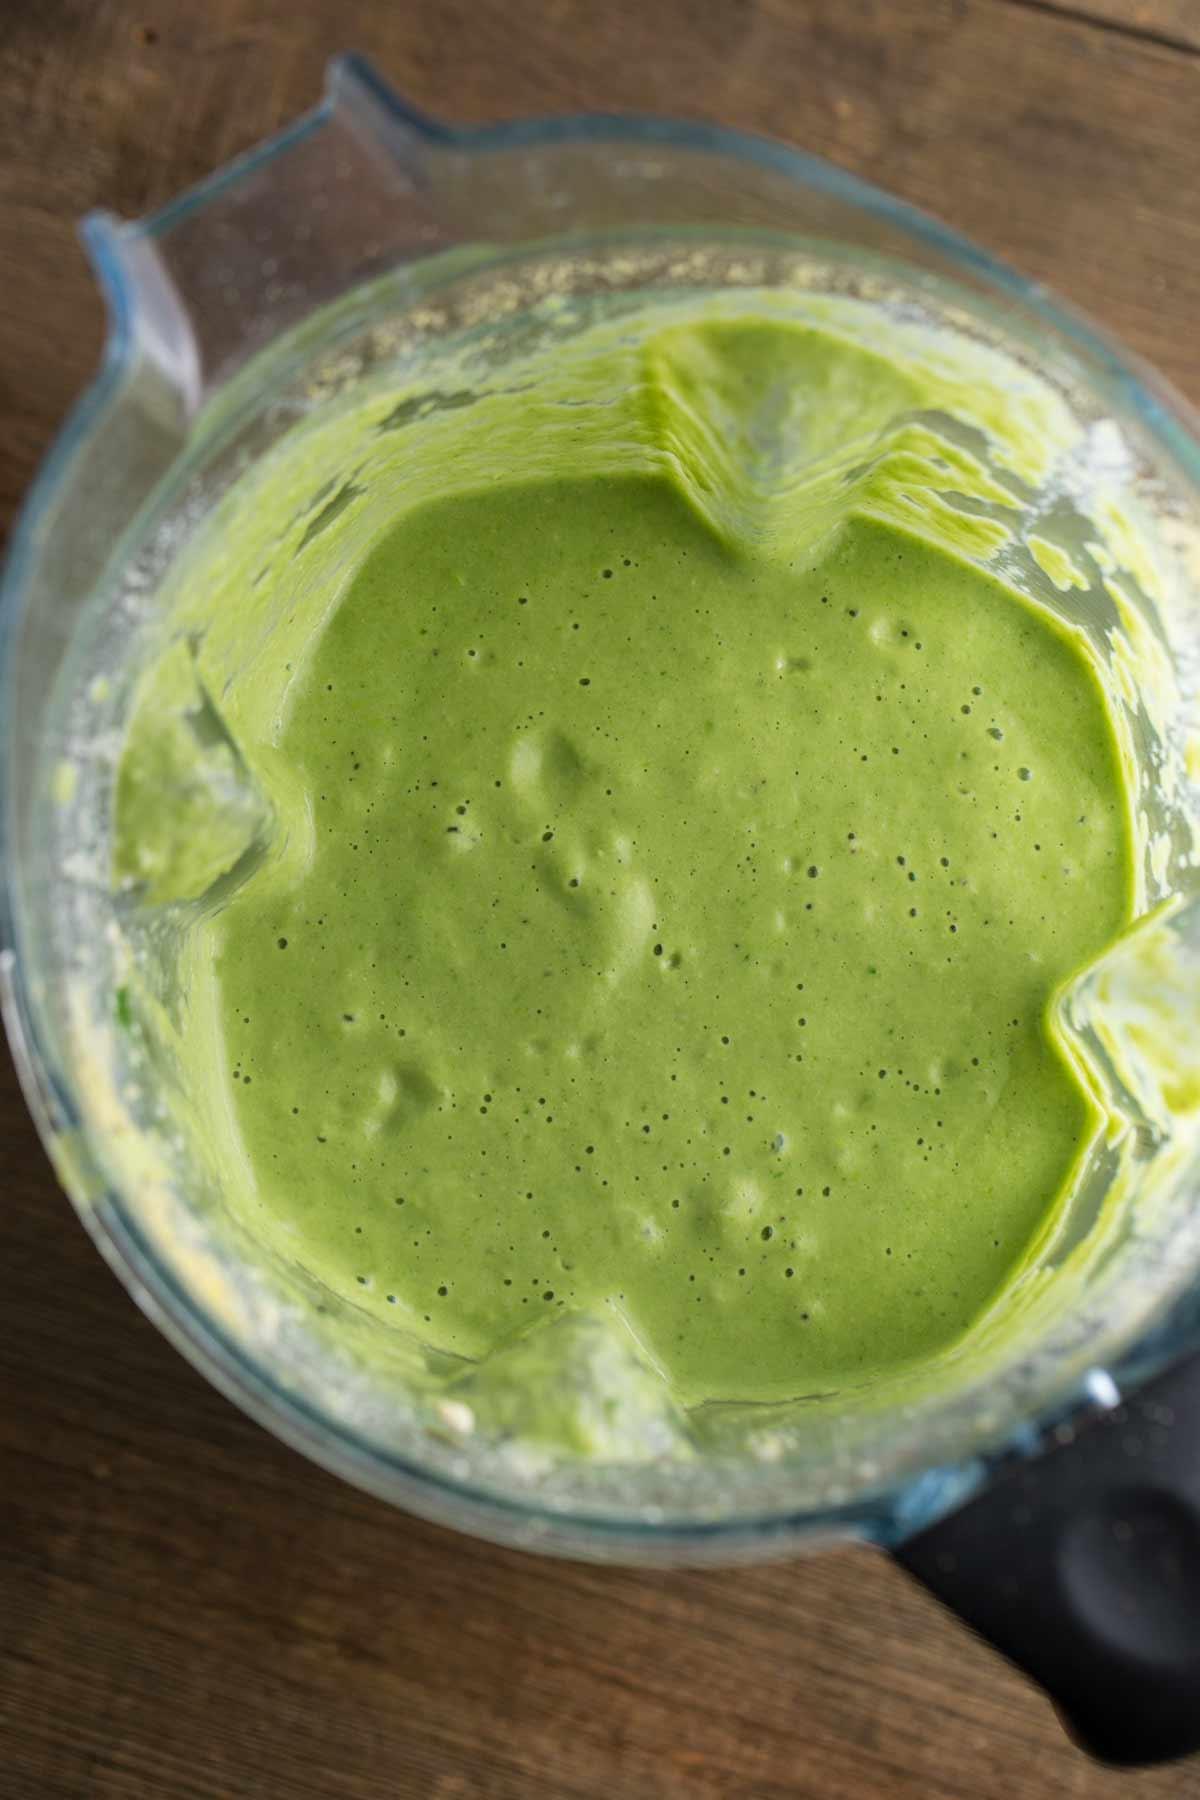 Asparagus Spinach Soup | via veggiechick.com #vegan #glutenfree #oilfree